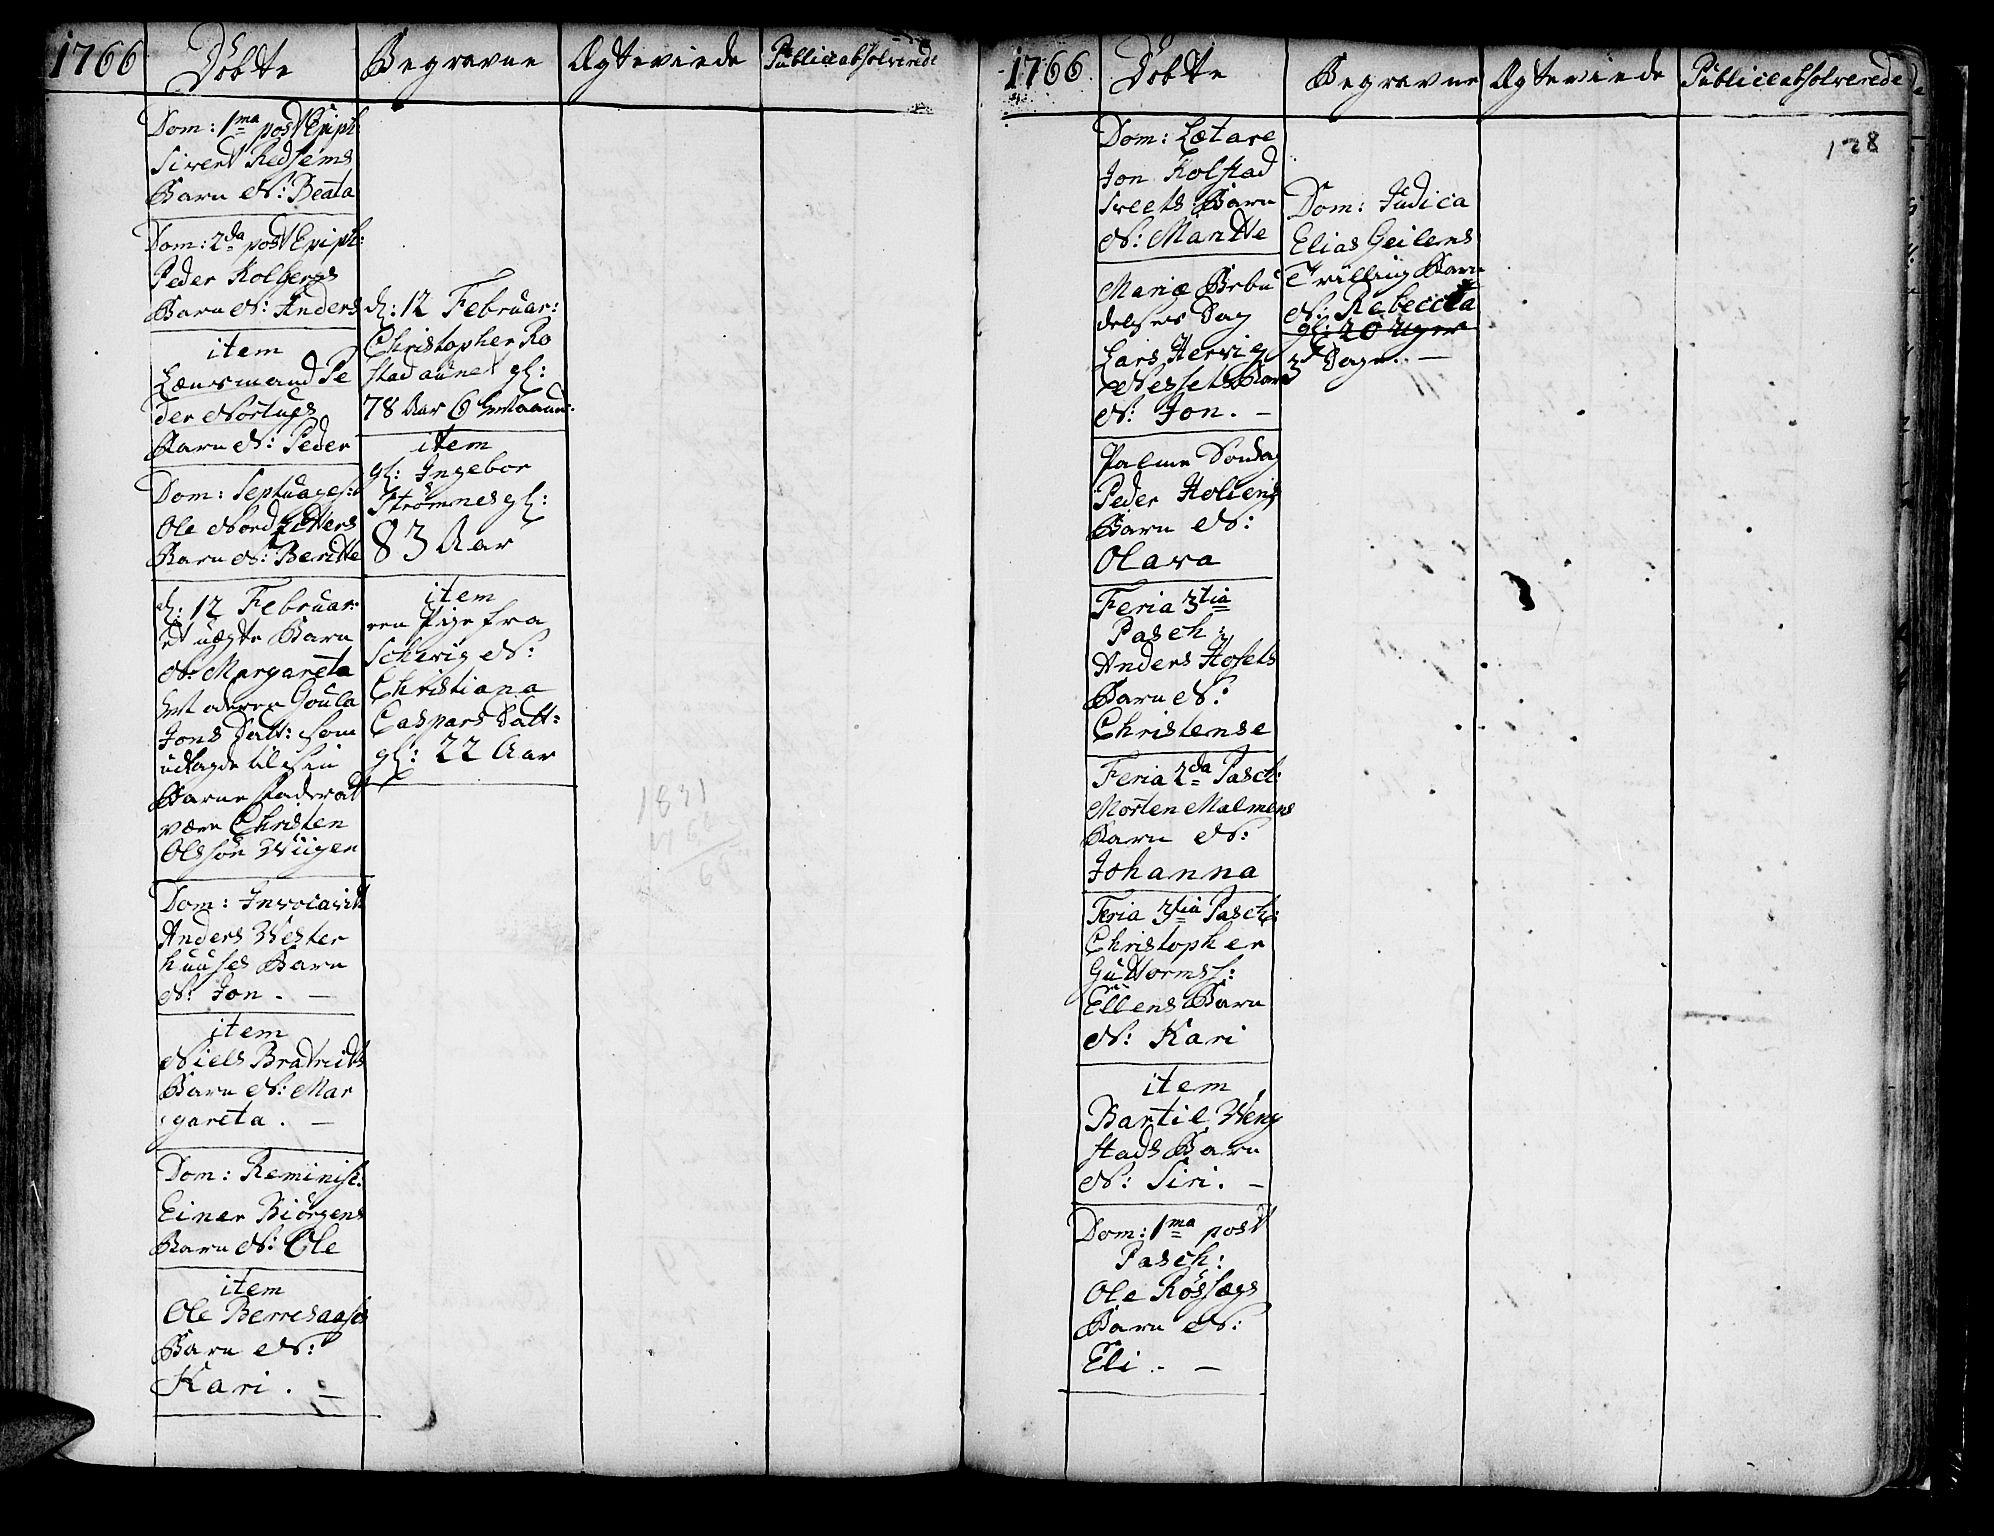 SAT, Ministerialprotokoller, klokkerbøker og fødselsregistre - Nord-Trøndelag, 741/L0385: Ministerialbok nr. 741A01, 1722-1815, s. 128